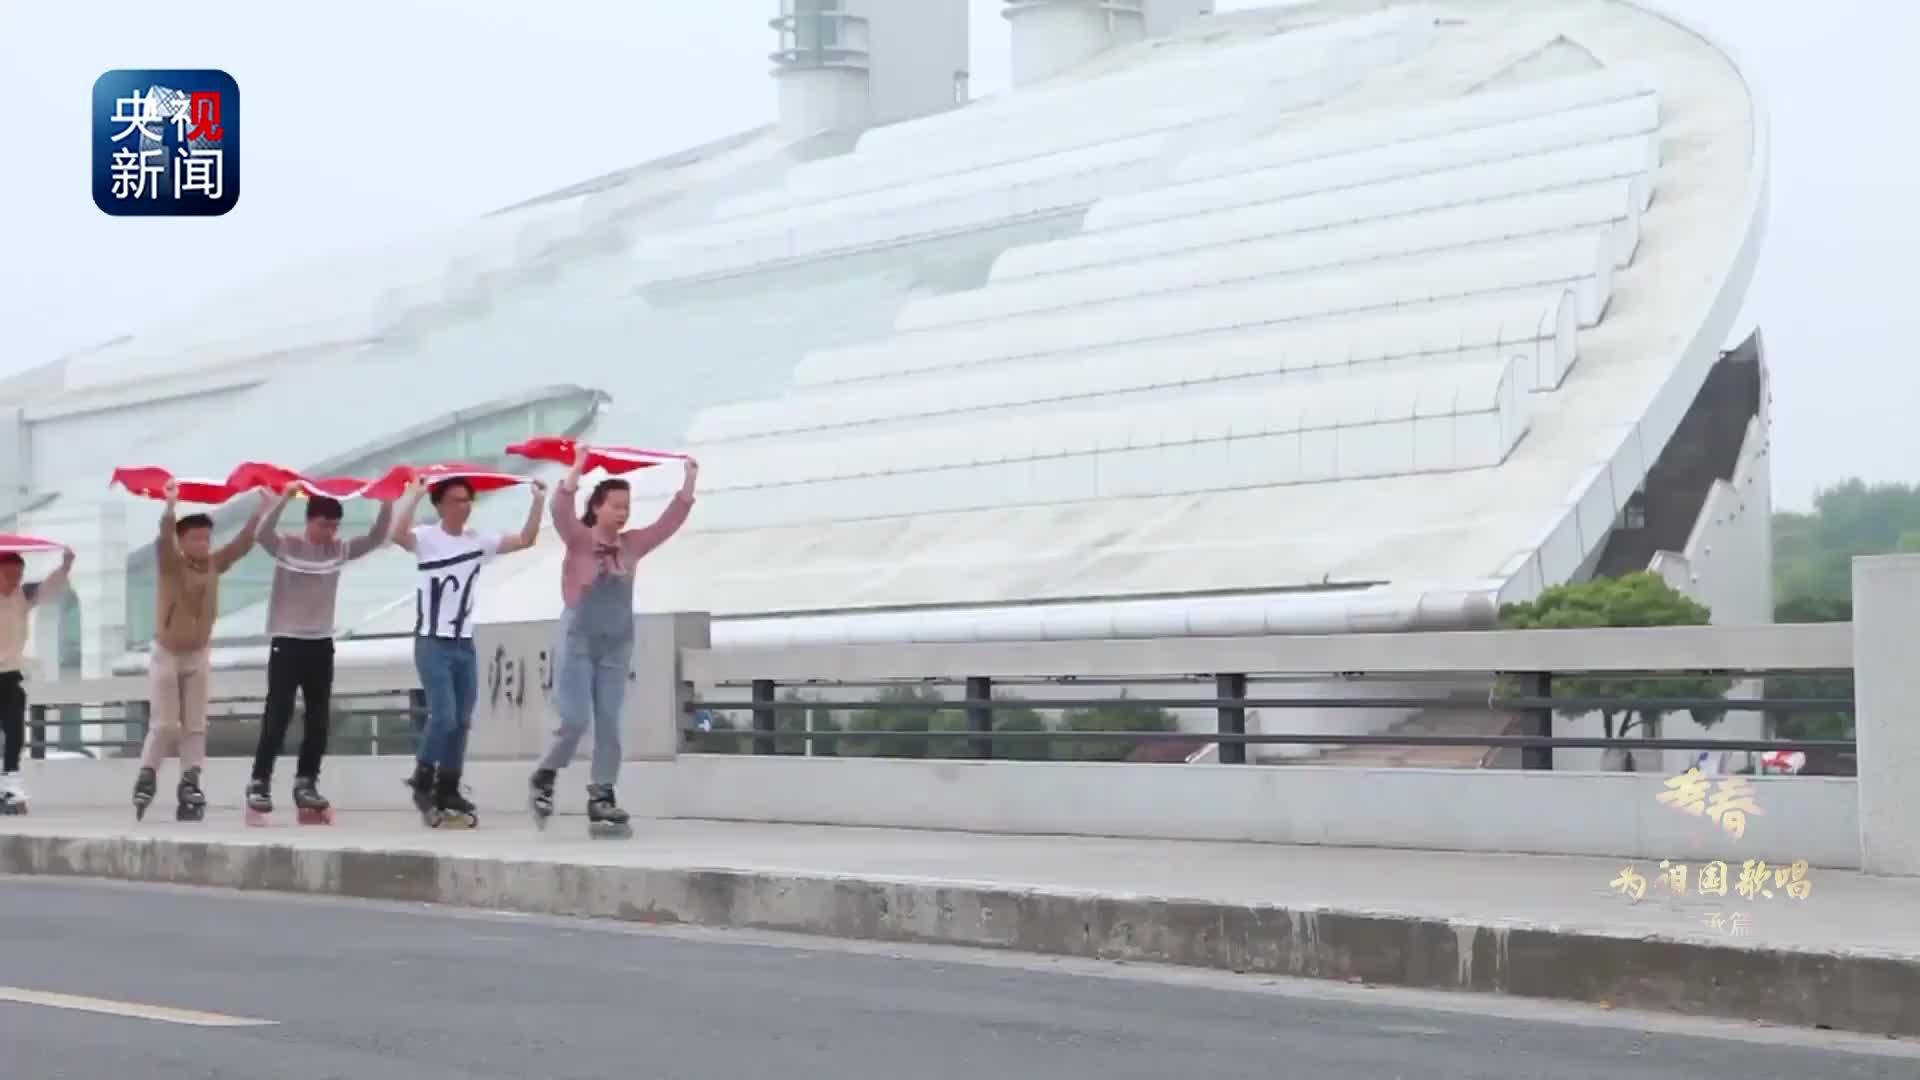 青春为祖国歌唱丨浙江大学师生校友齐声诵唱 献礼祖国